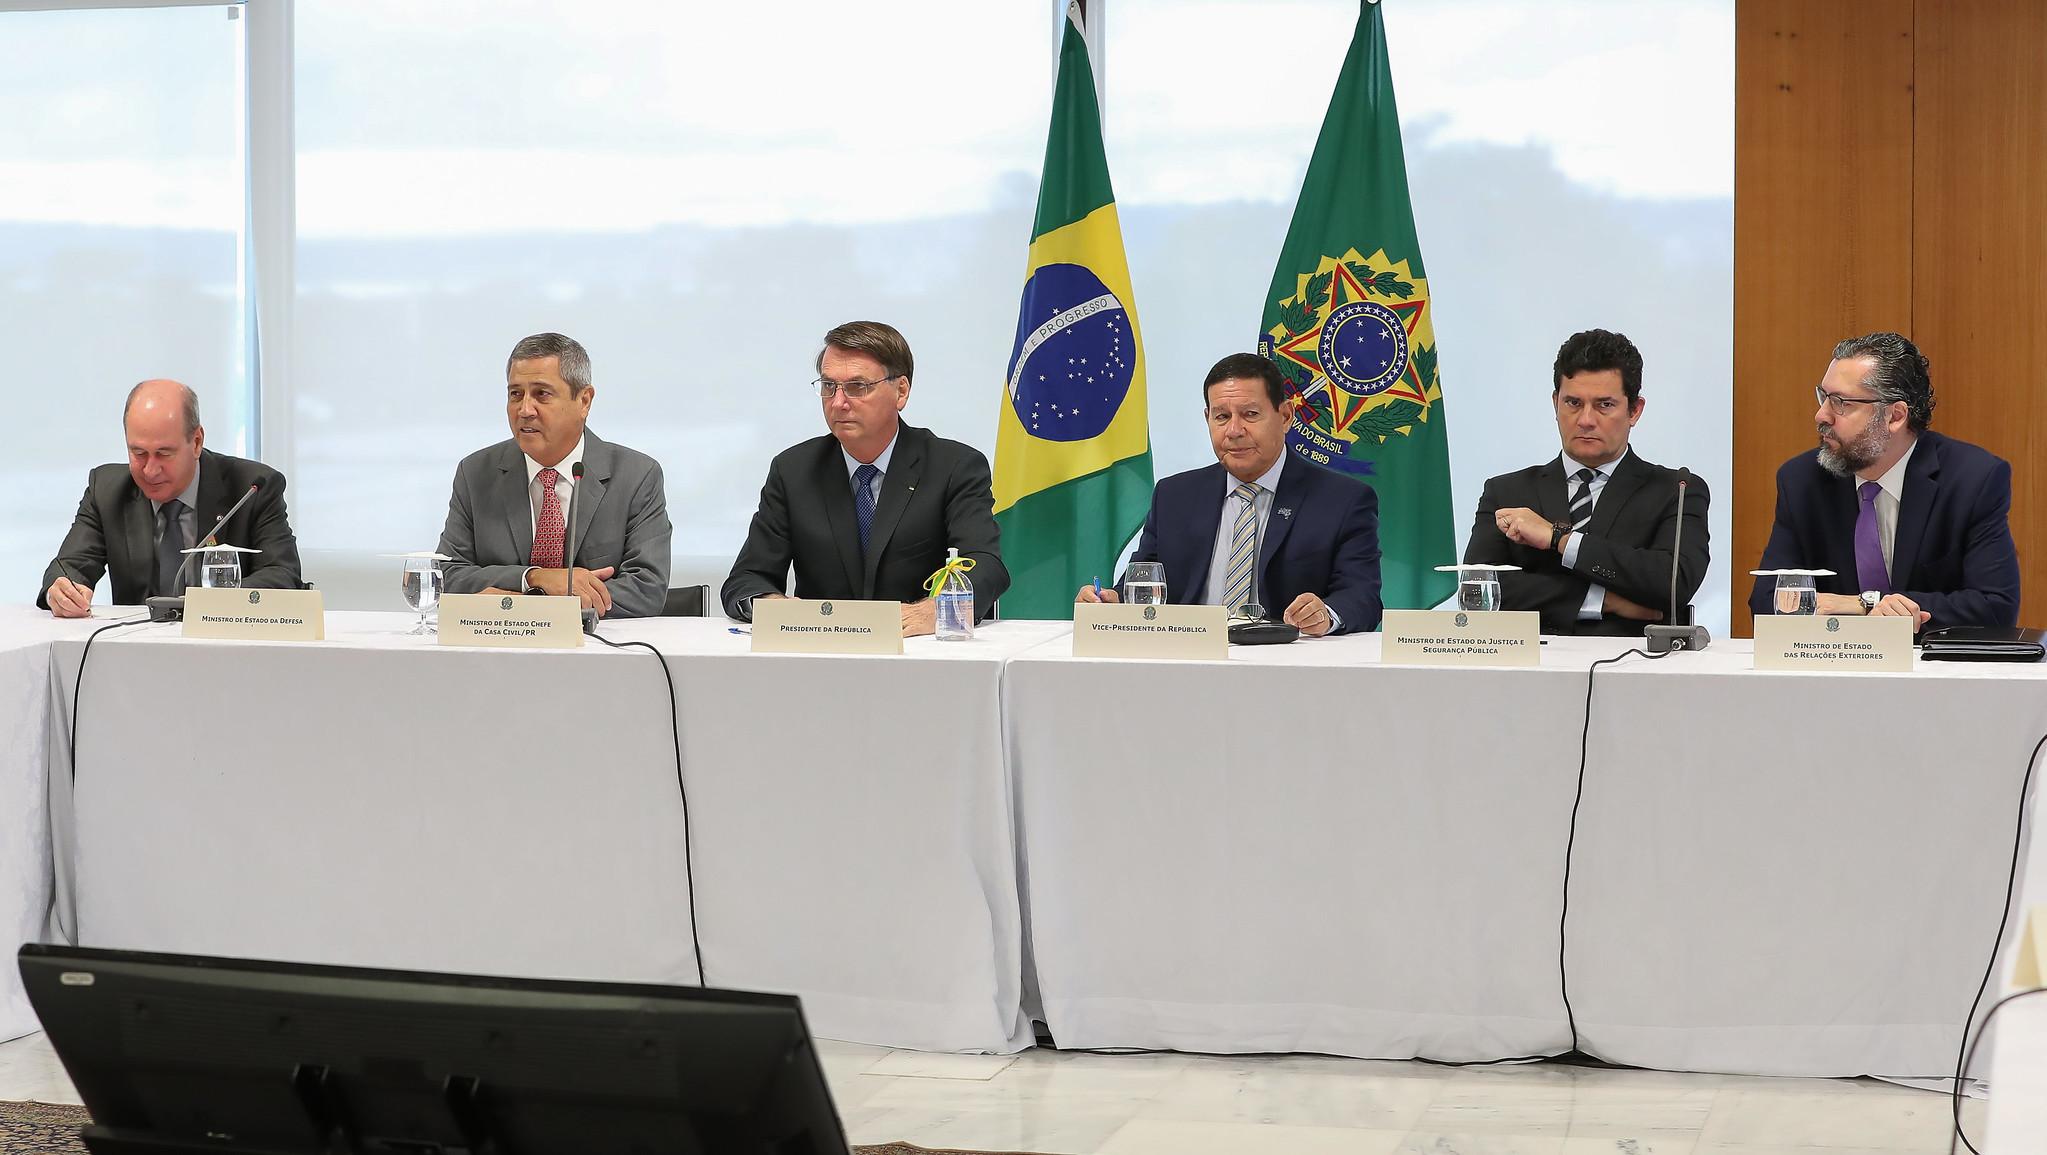 Principais frases do presidente Jair Bolsonaro durante reunião ministerial que teve gravação divulgada pelo STF, em 22/05/2020